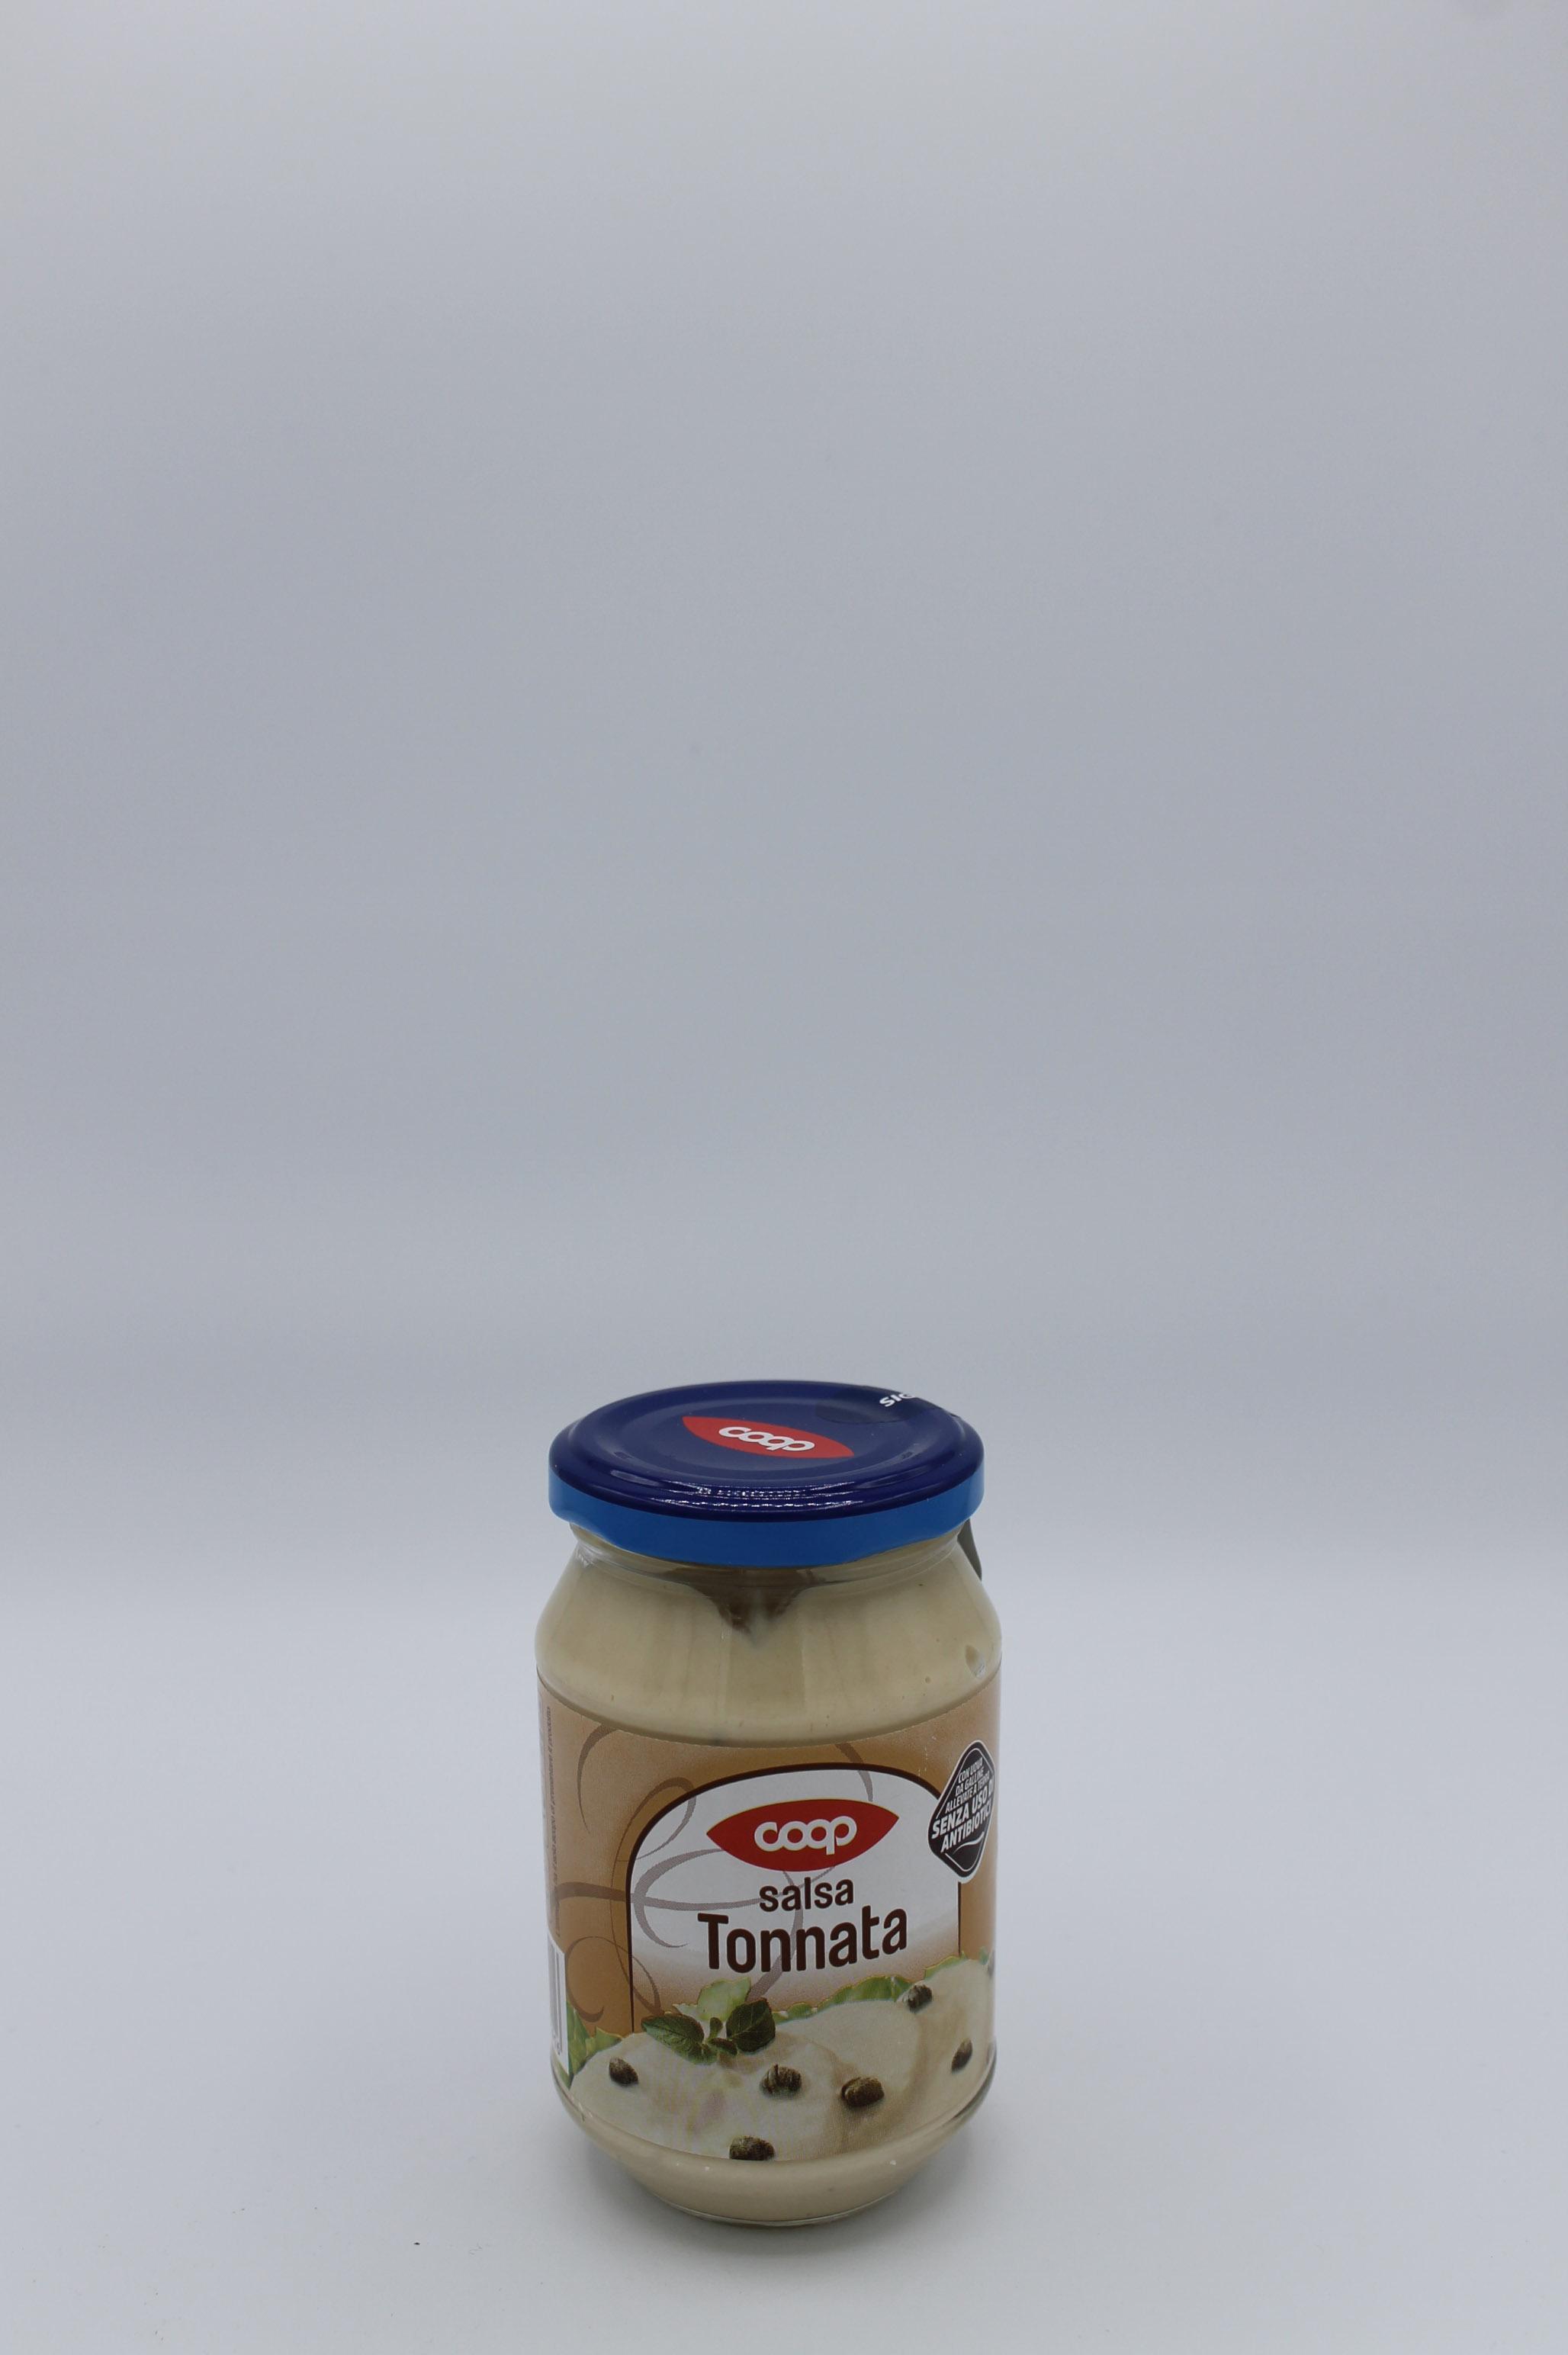 Coop salsa tonnata vetro 240 gr.